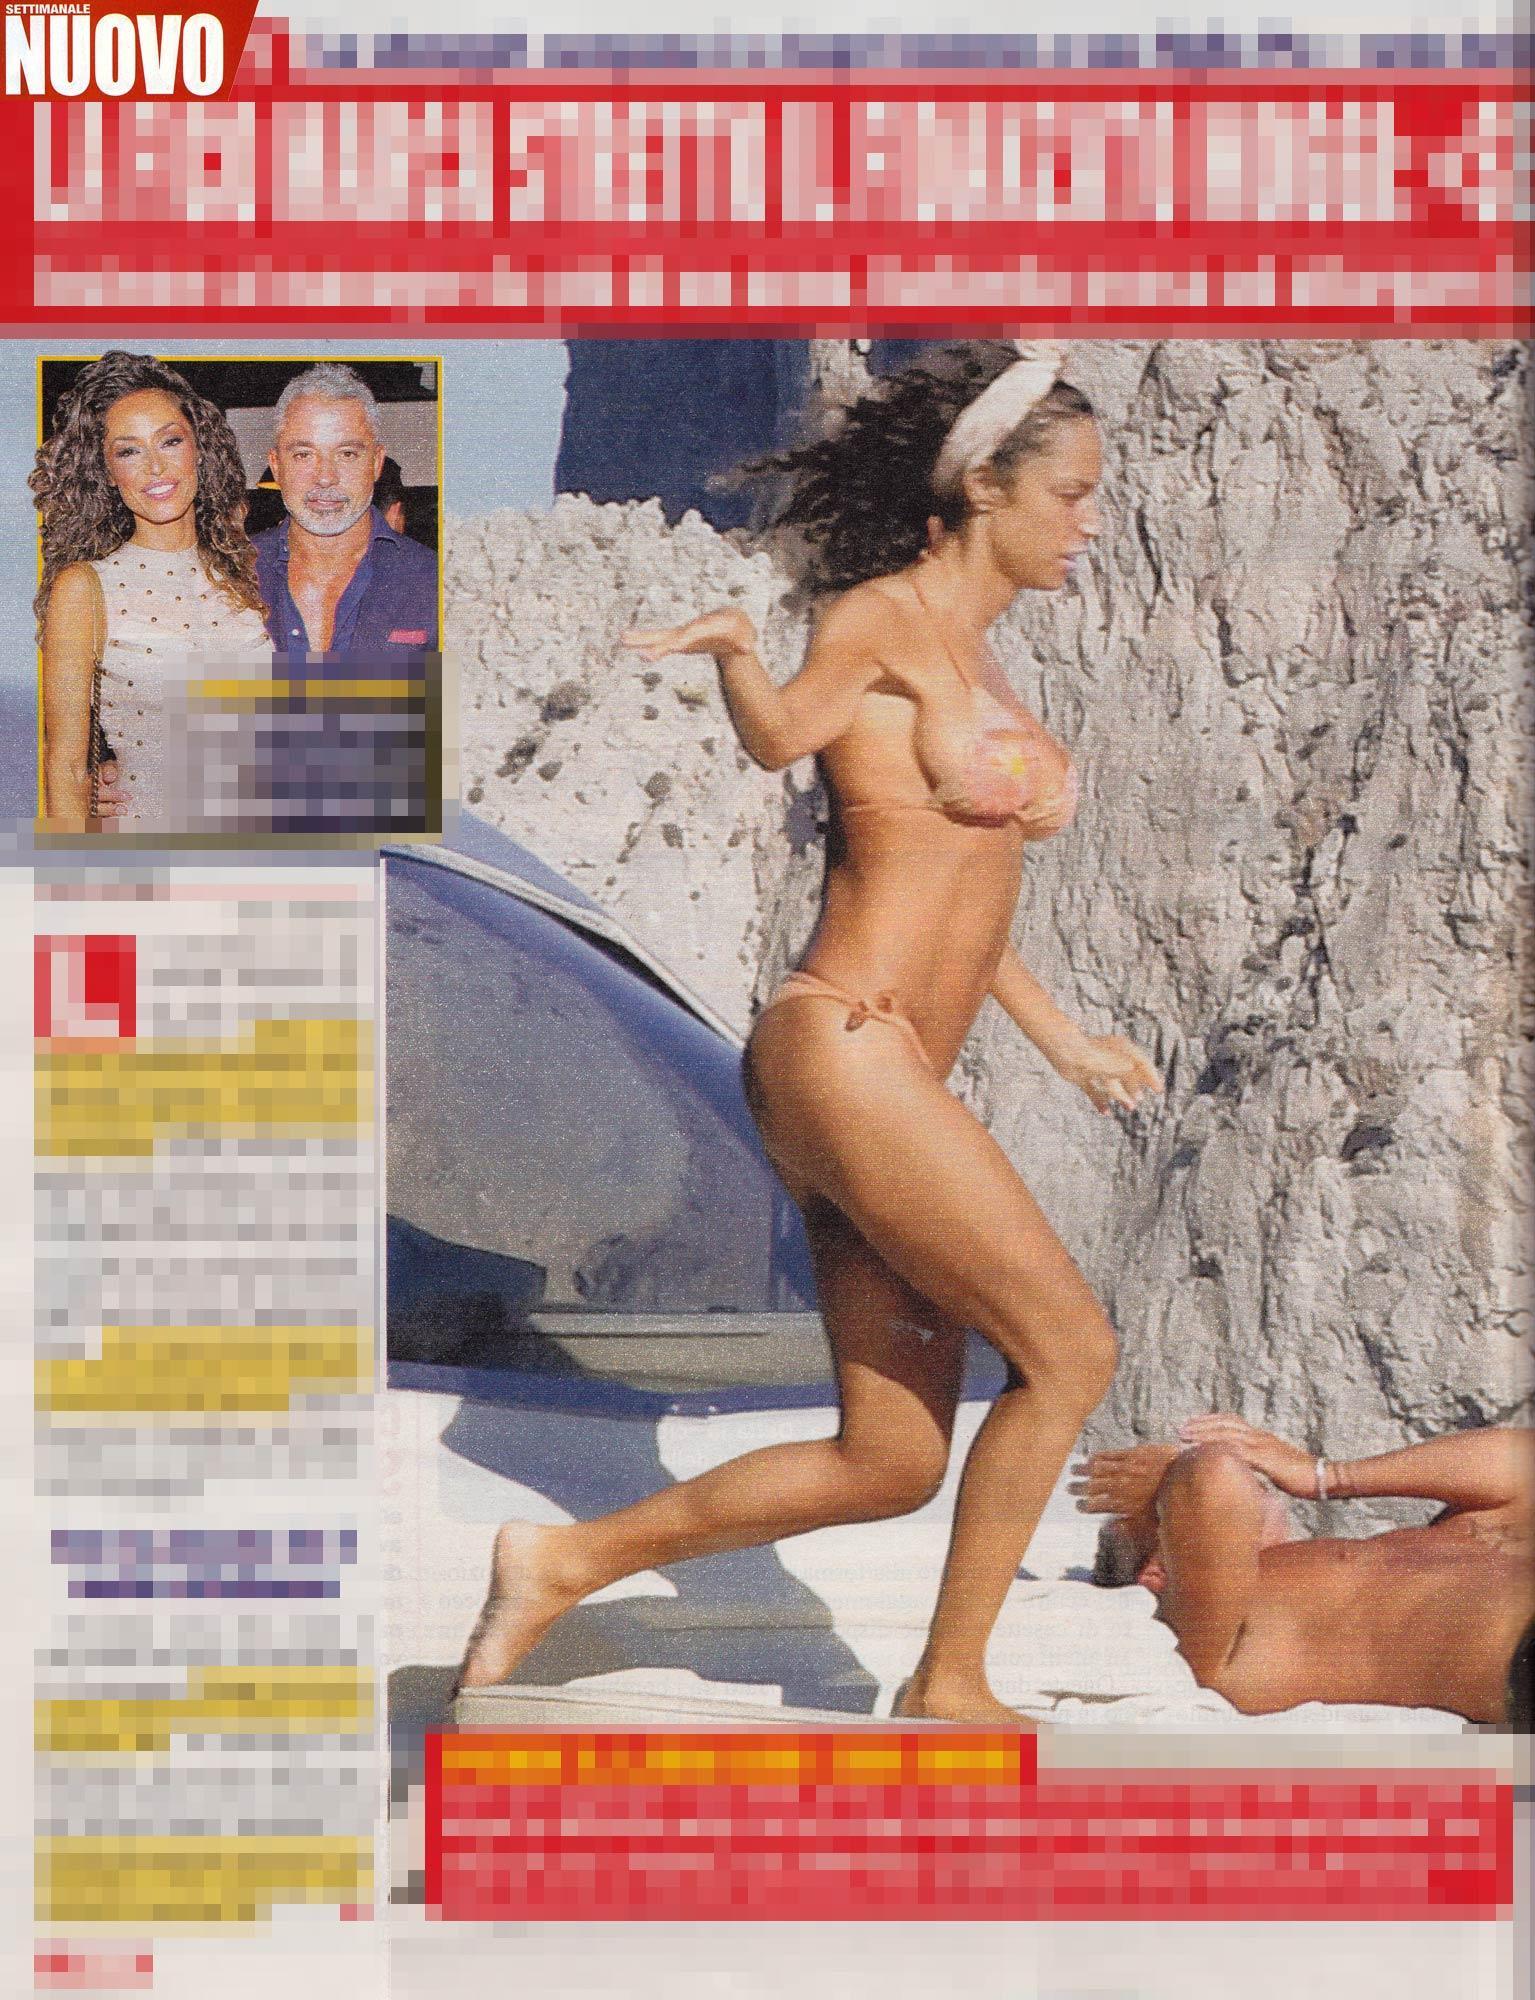 Raffaella Fico in costume, acrobazie con Moggi